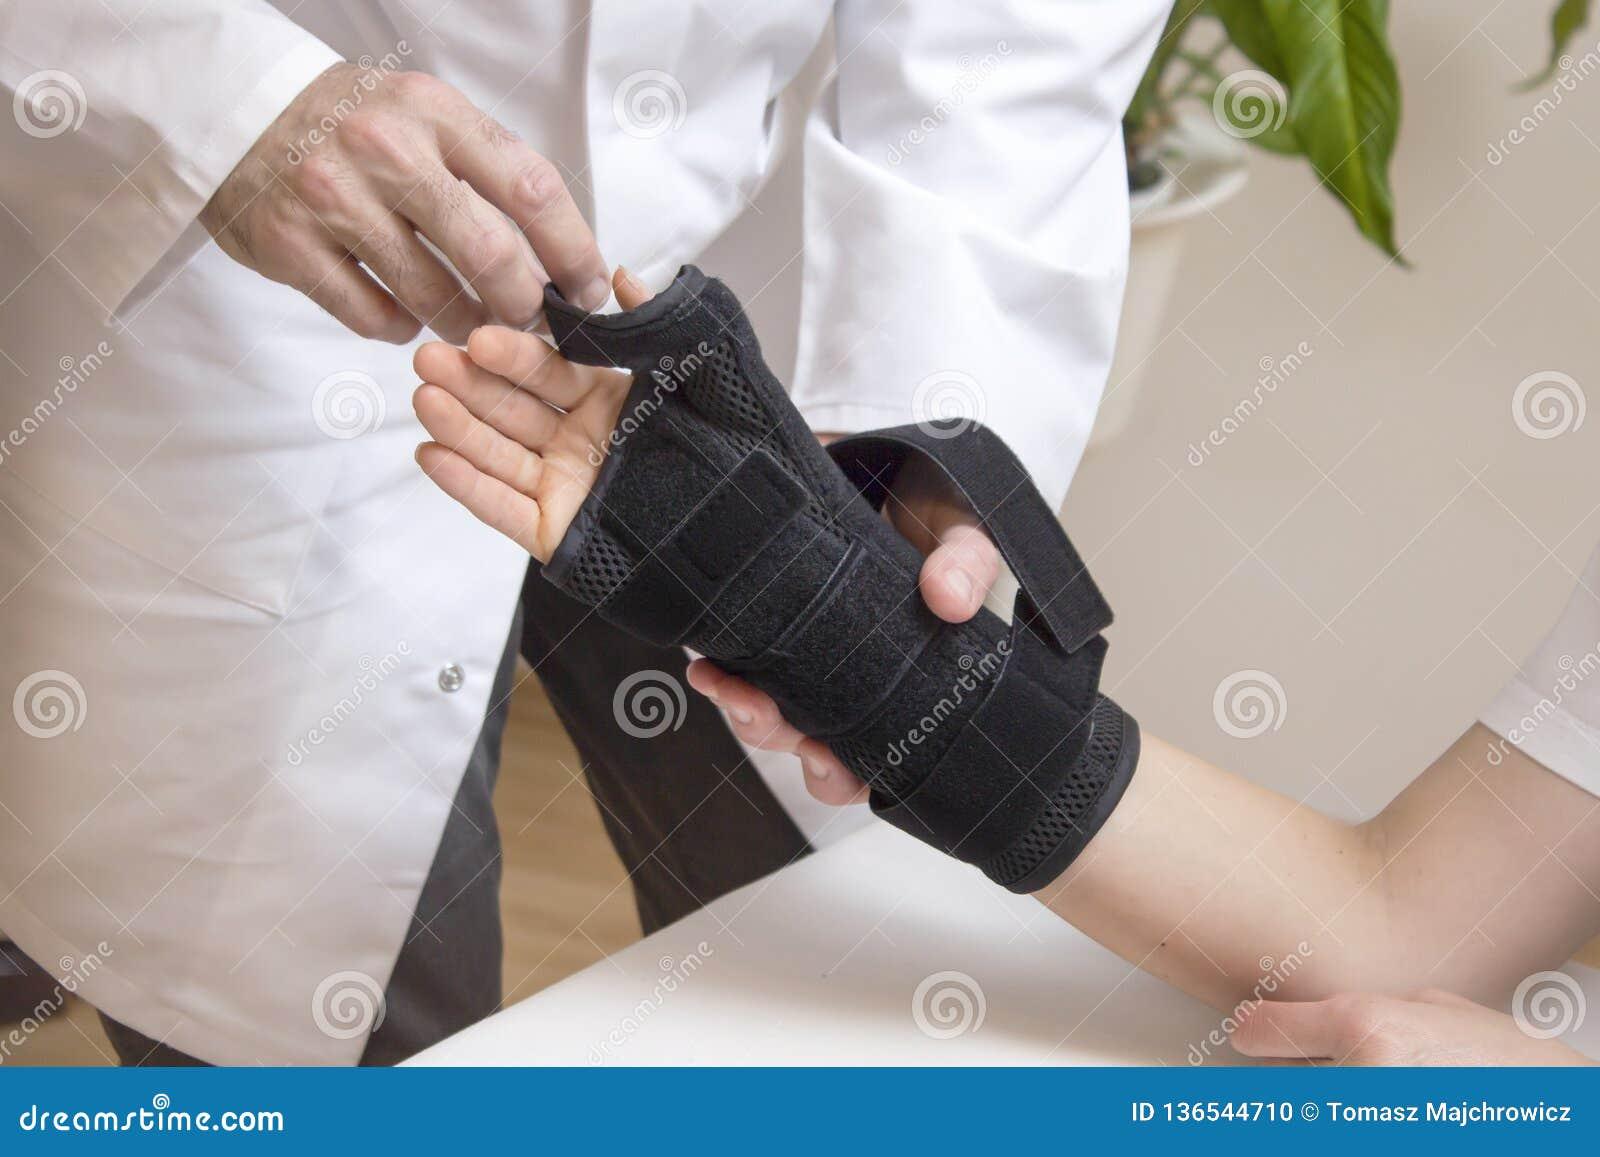 Протезный хирург принимает стабилизатор для руки женщины